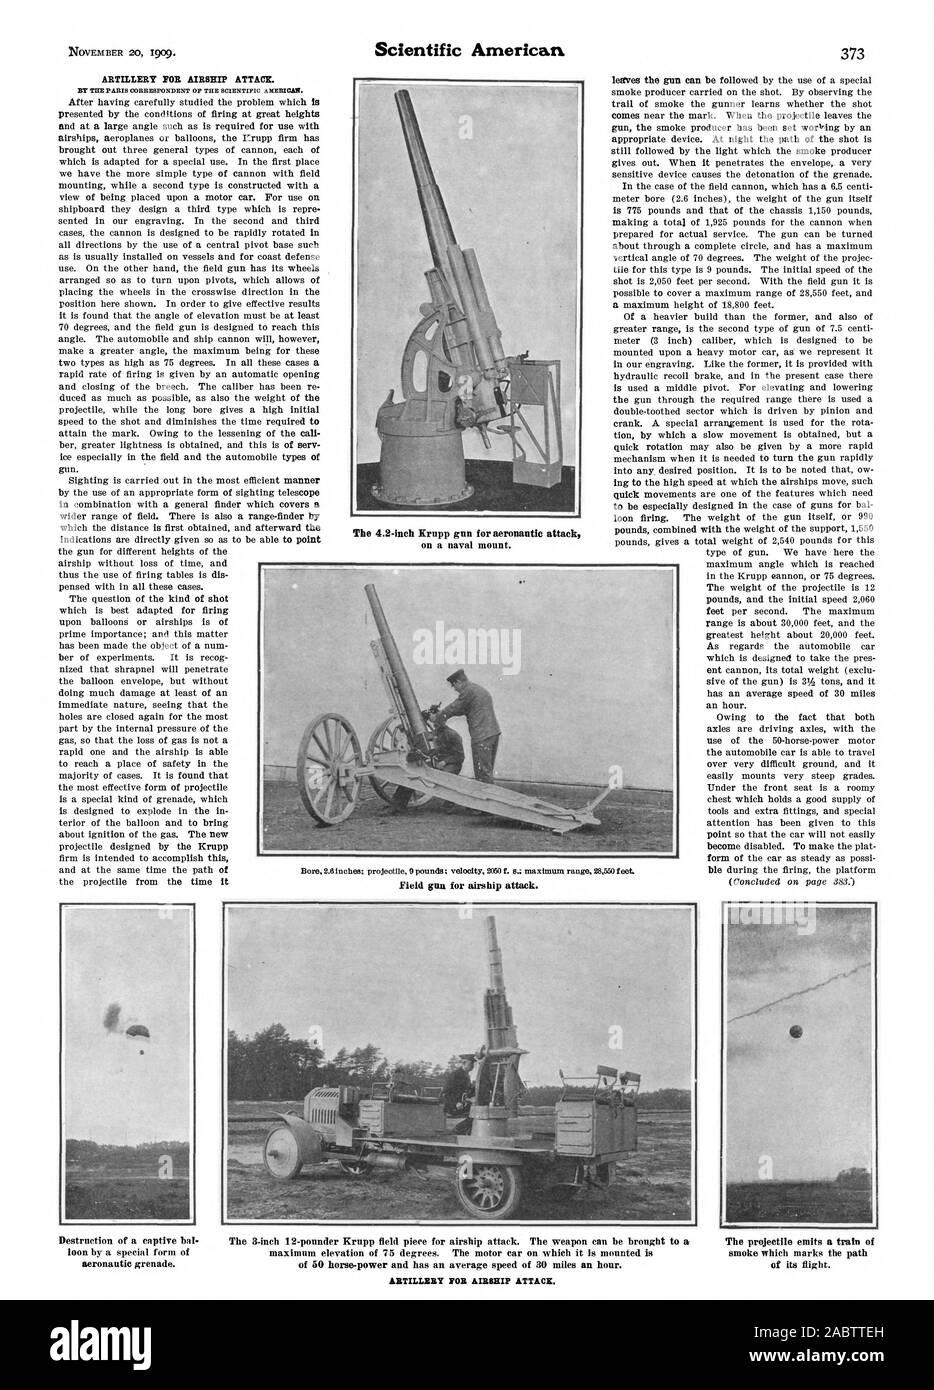 El 4.2-inch Krupp pistola para atacar aeronáutica por el corresponsal en París DE LAS AMÉRICAS científico. pistola. que es el mejor adaptado para disparar una hora. Debido al hecho de que tanto el campo dirigible pistola para atacar. Por aeronave de ataque de artillería, Scientific American, -1909-11-20 Foto de stock